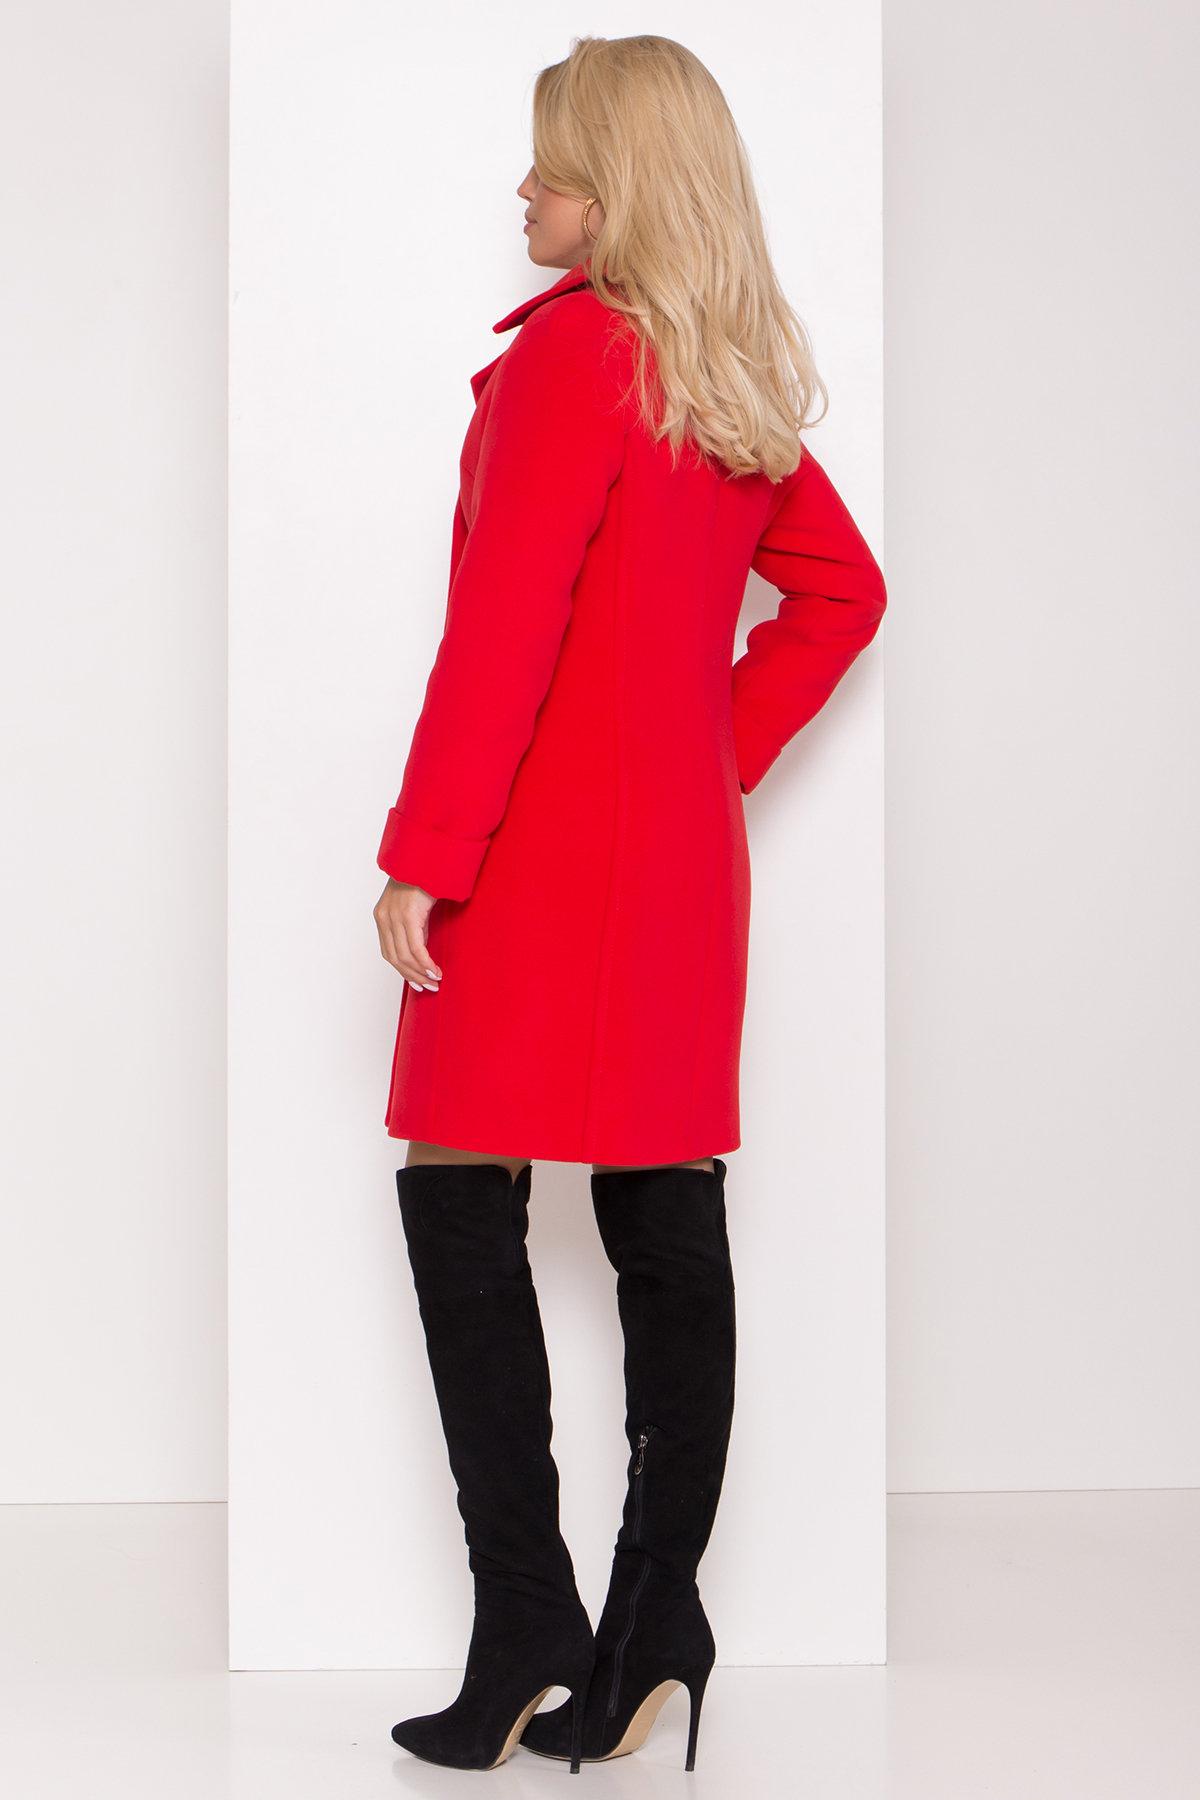 Зимнее пальто в классическом стиле Лизи 8179 АРТ. 44195 Цвет: Красный - фото 4, интернет магазин tm-modus.ru